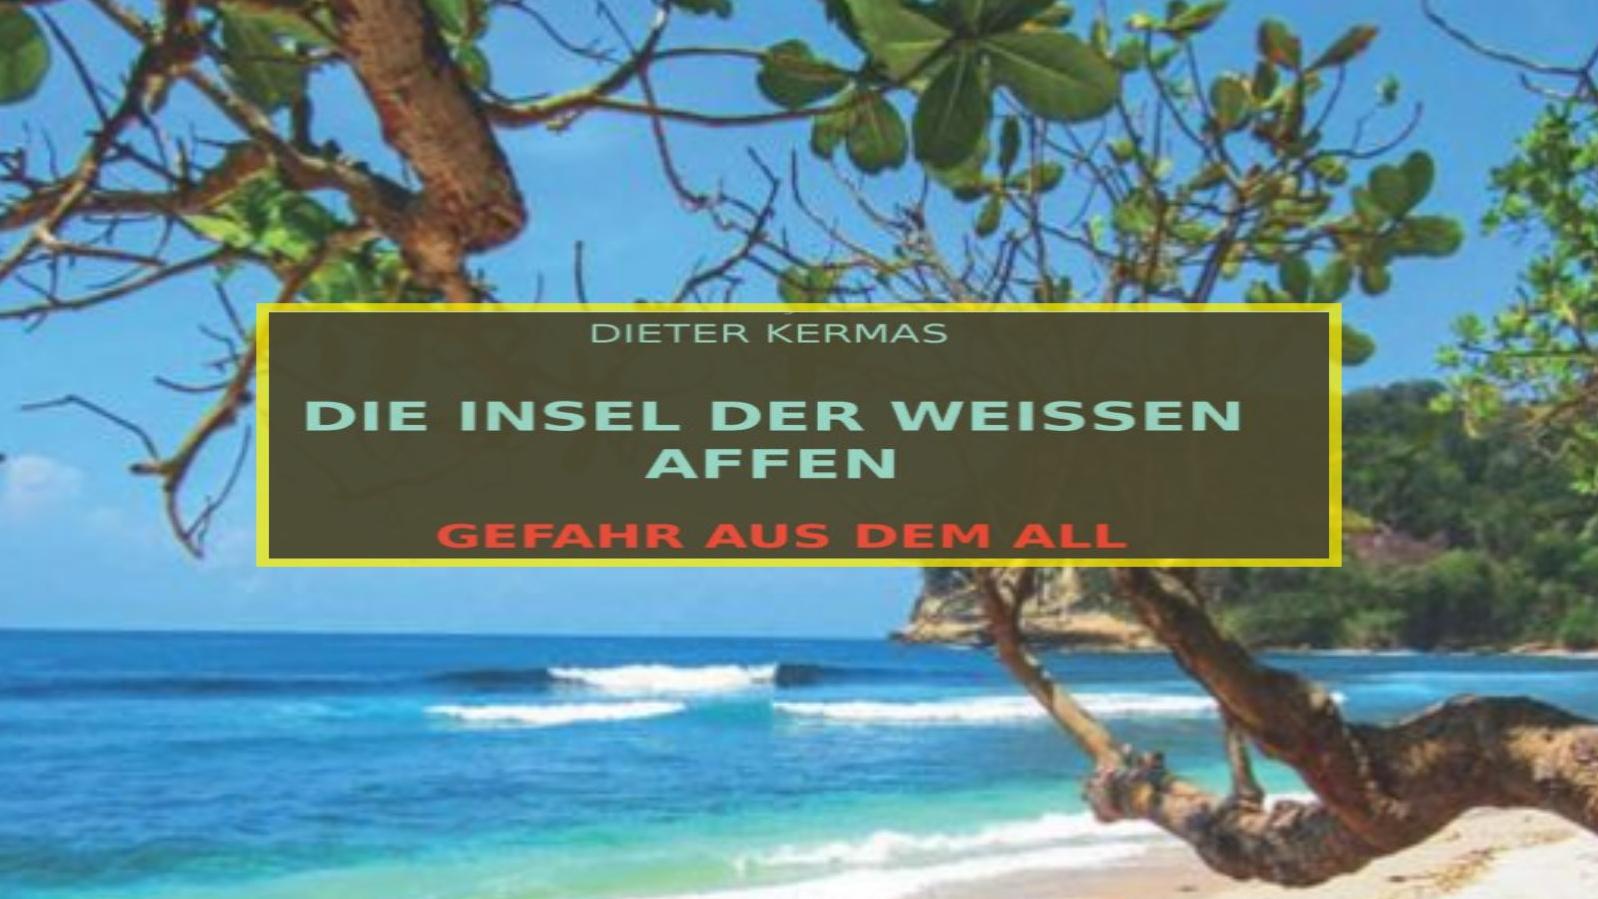 Dieter-Kermas-2-Insel.jpg